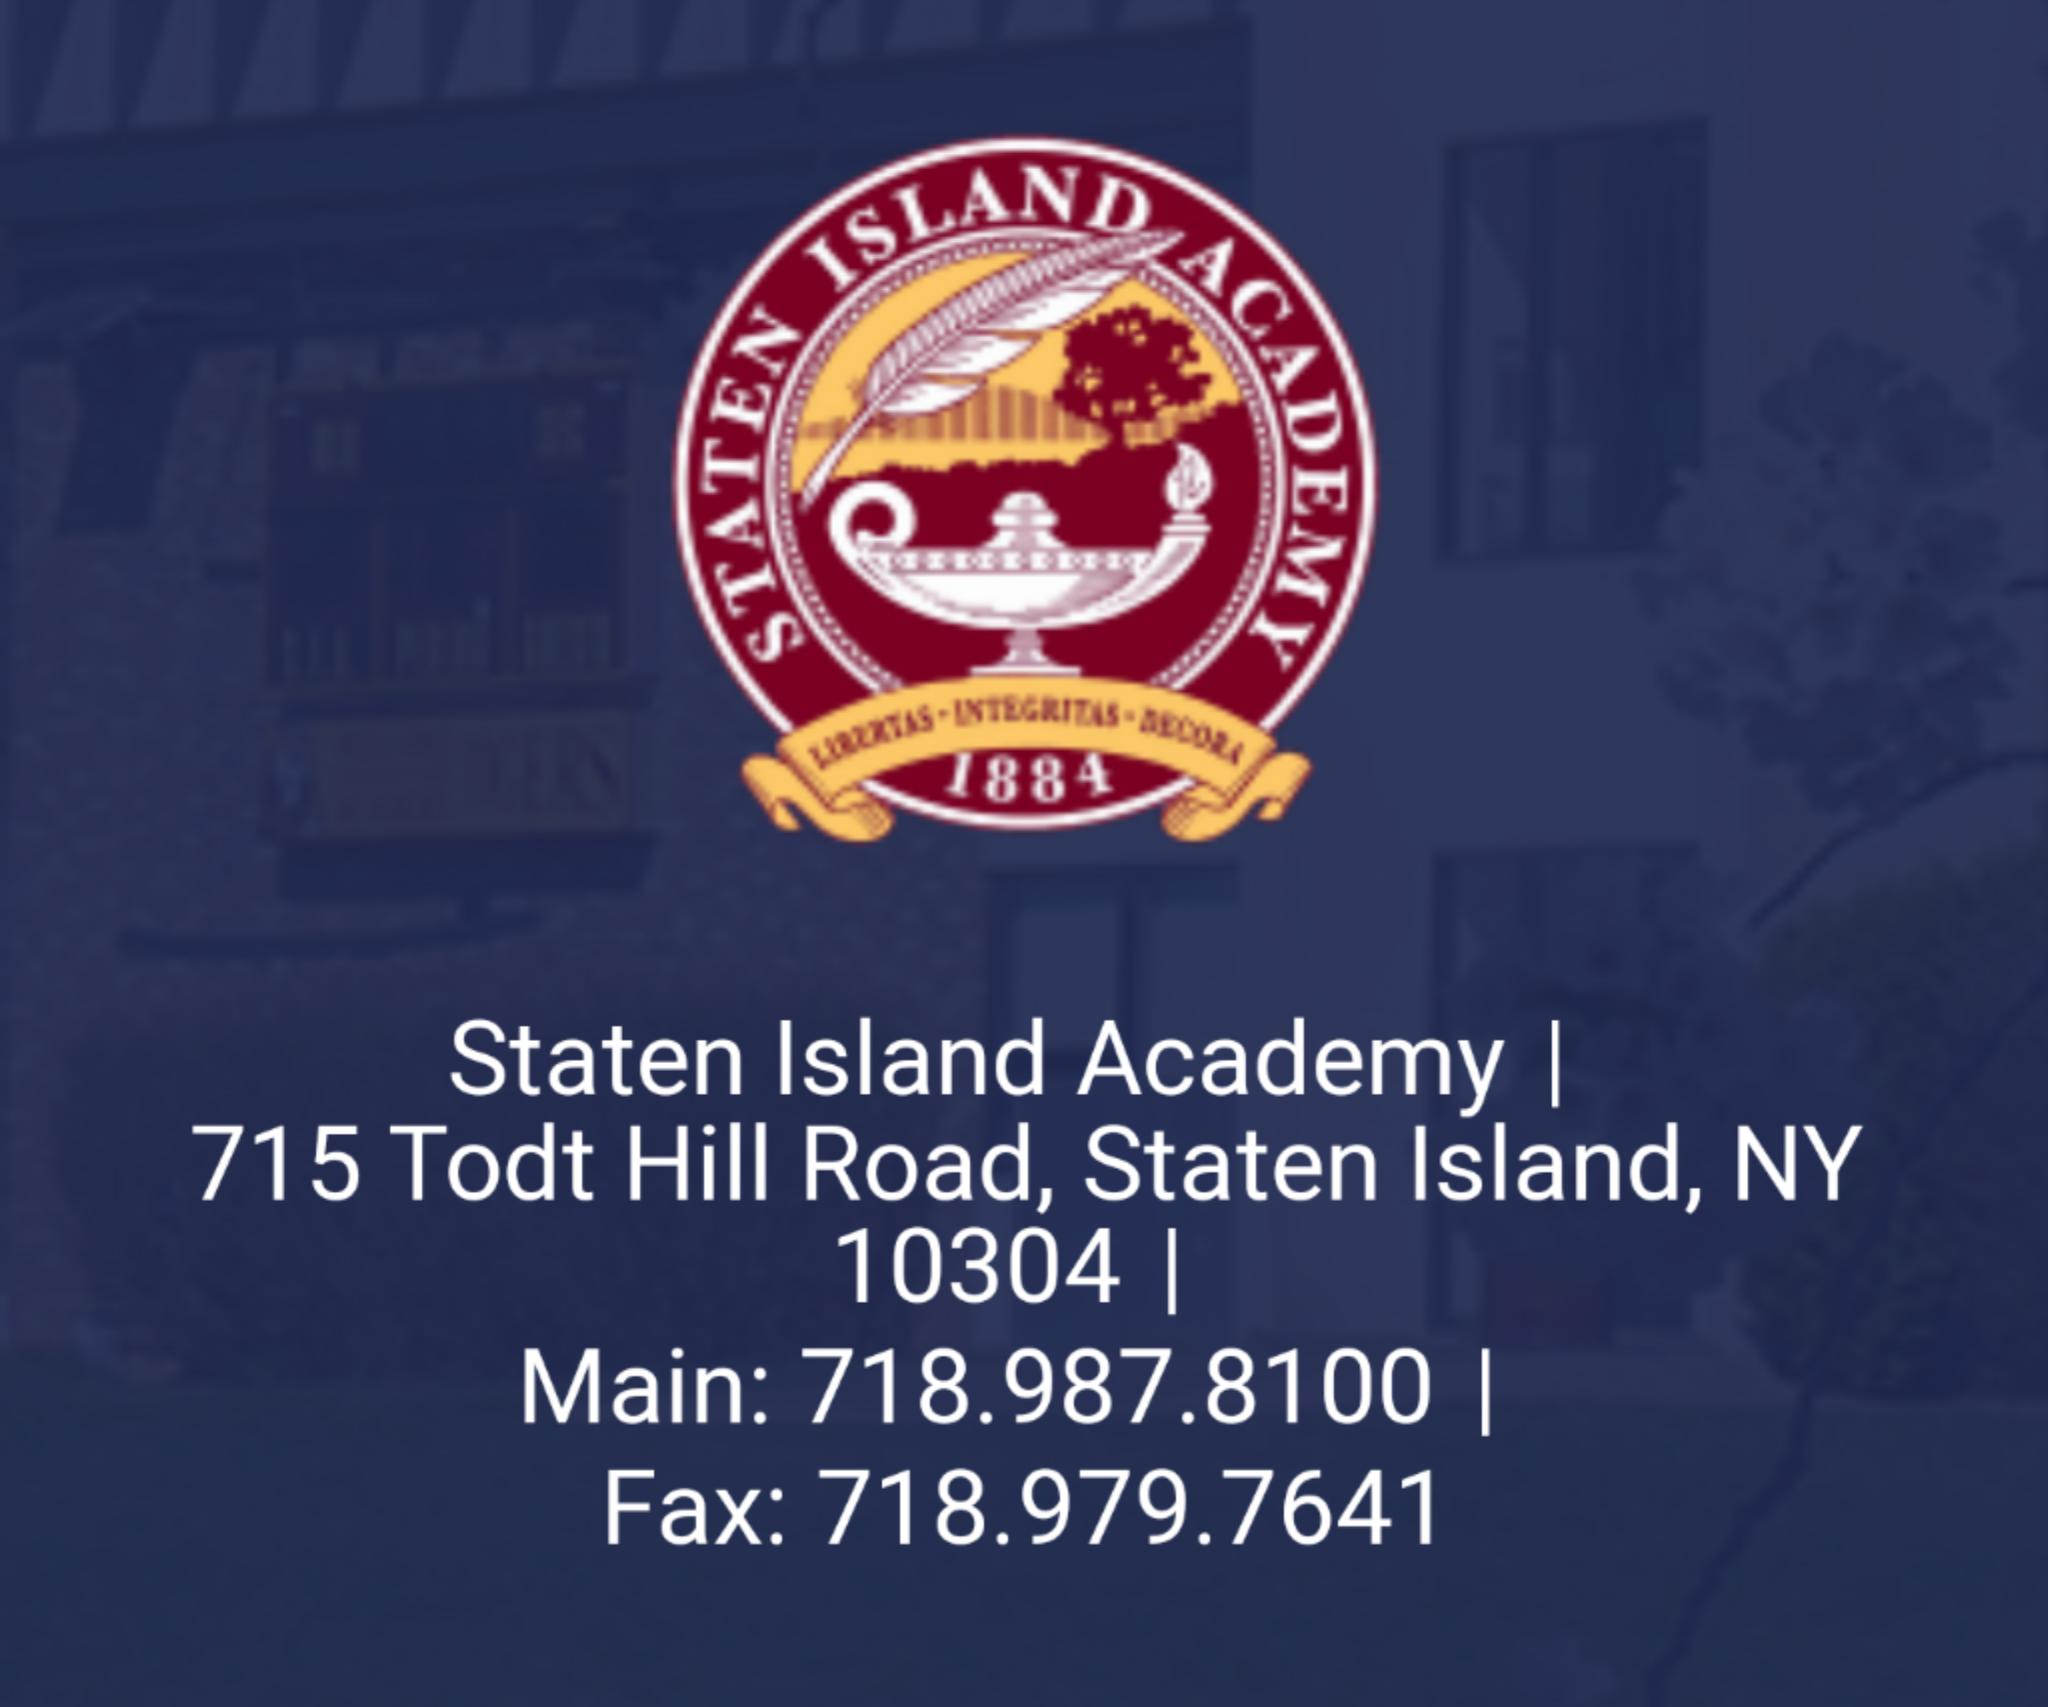 SI Academy